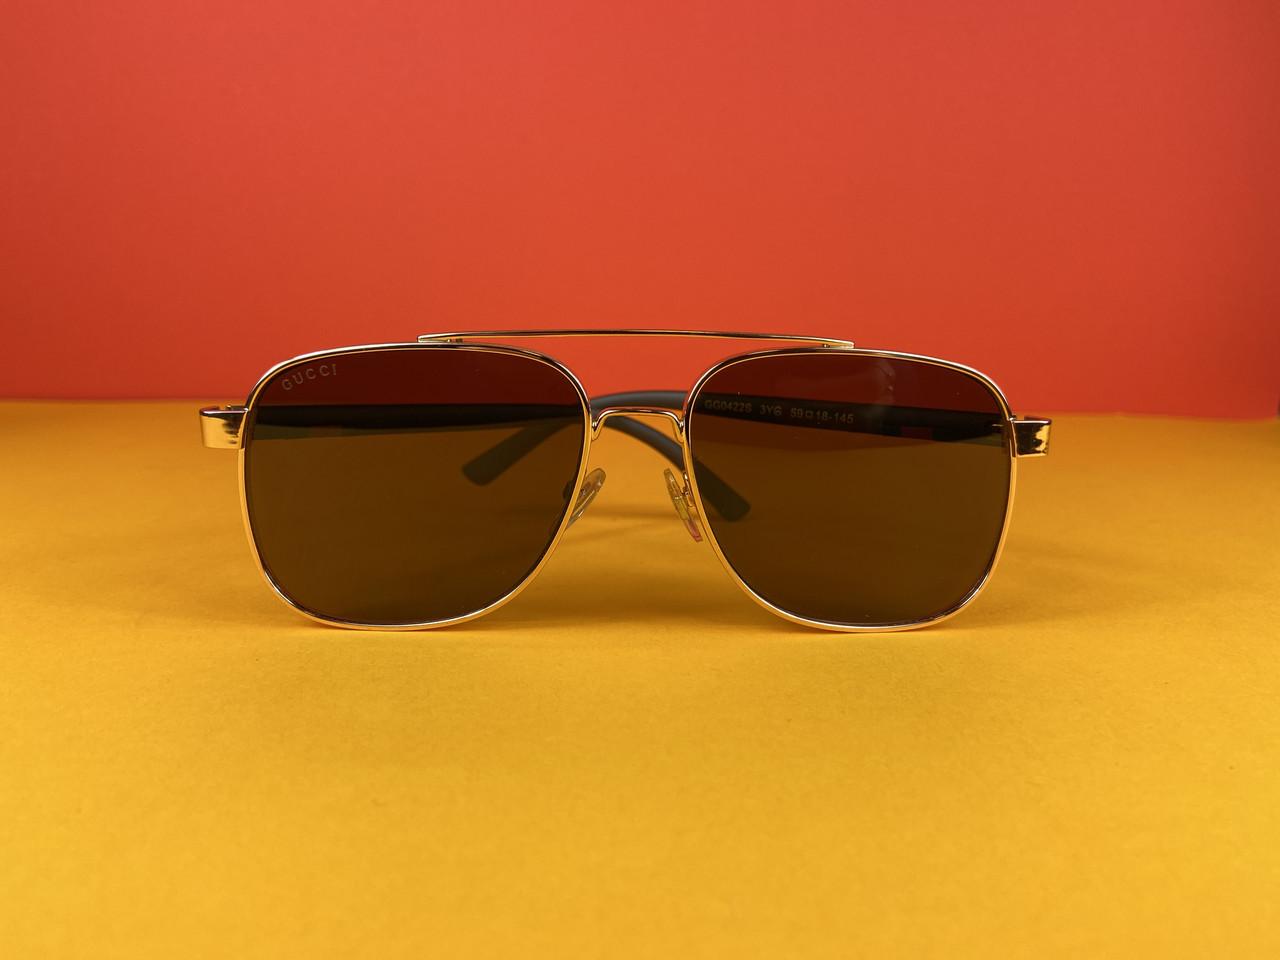 Солнцезащитные очки Gucci (Гуччи) арт. 96-08